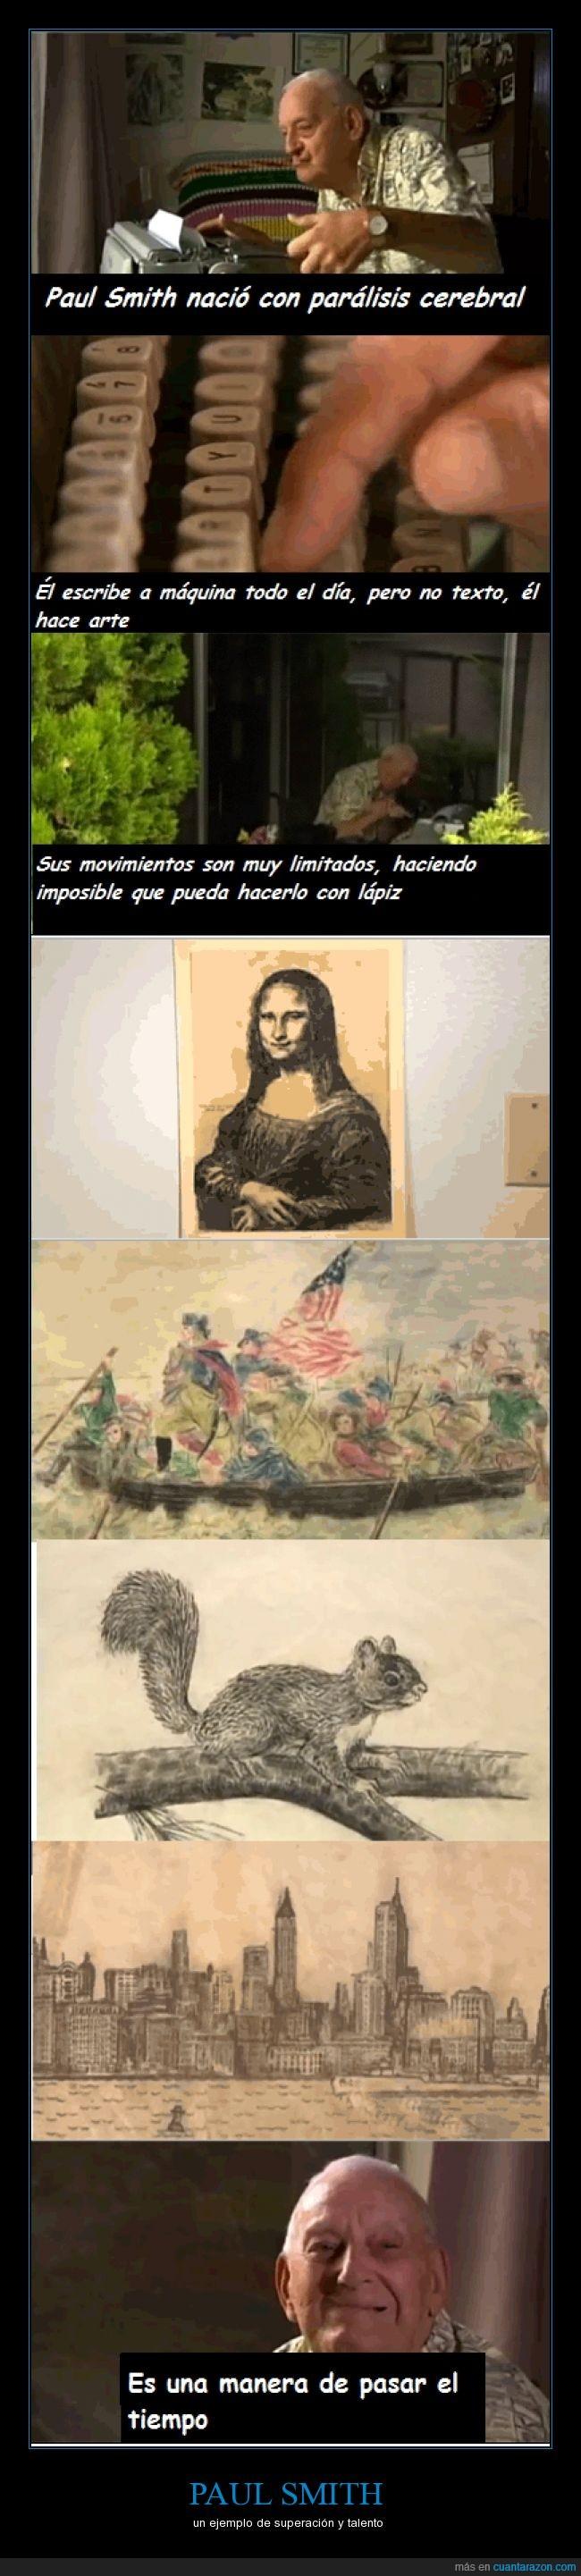 arte,genio,gran historia,increíble,parálisis,paul smith,que bueno,vean el video